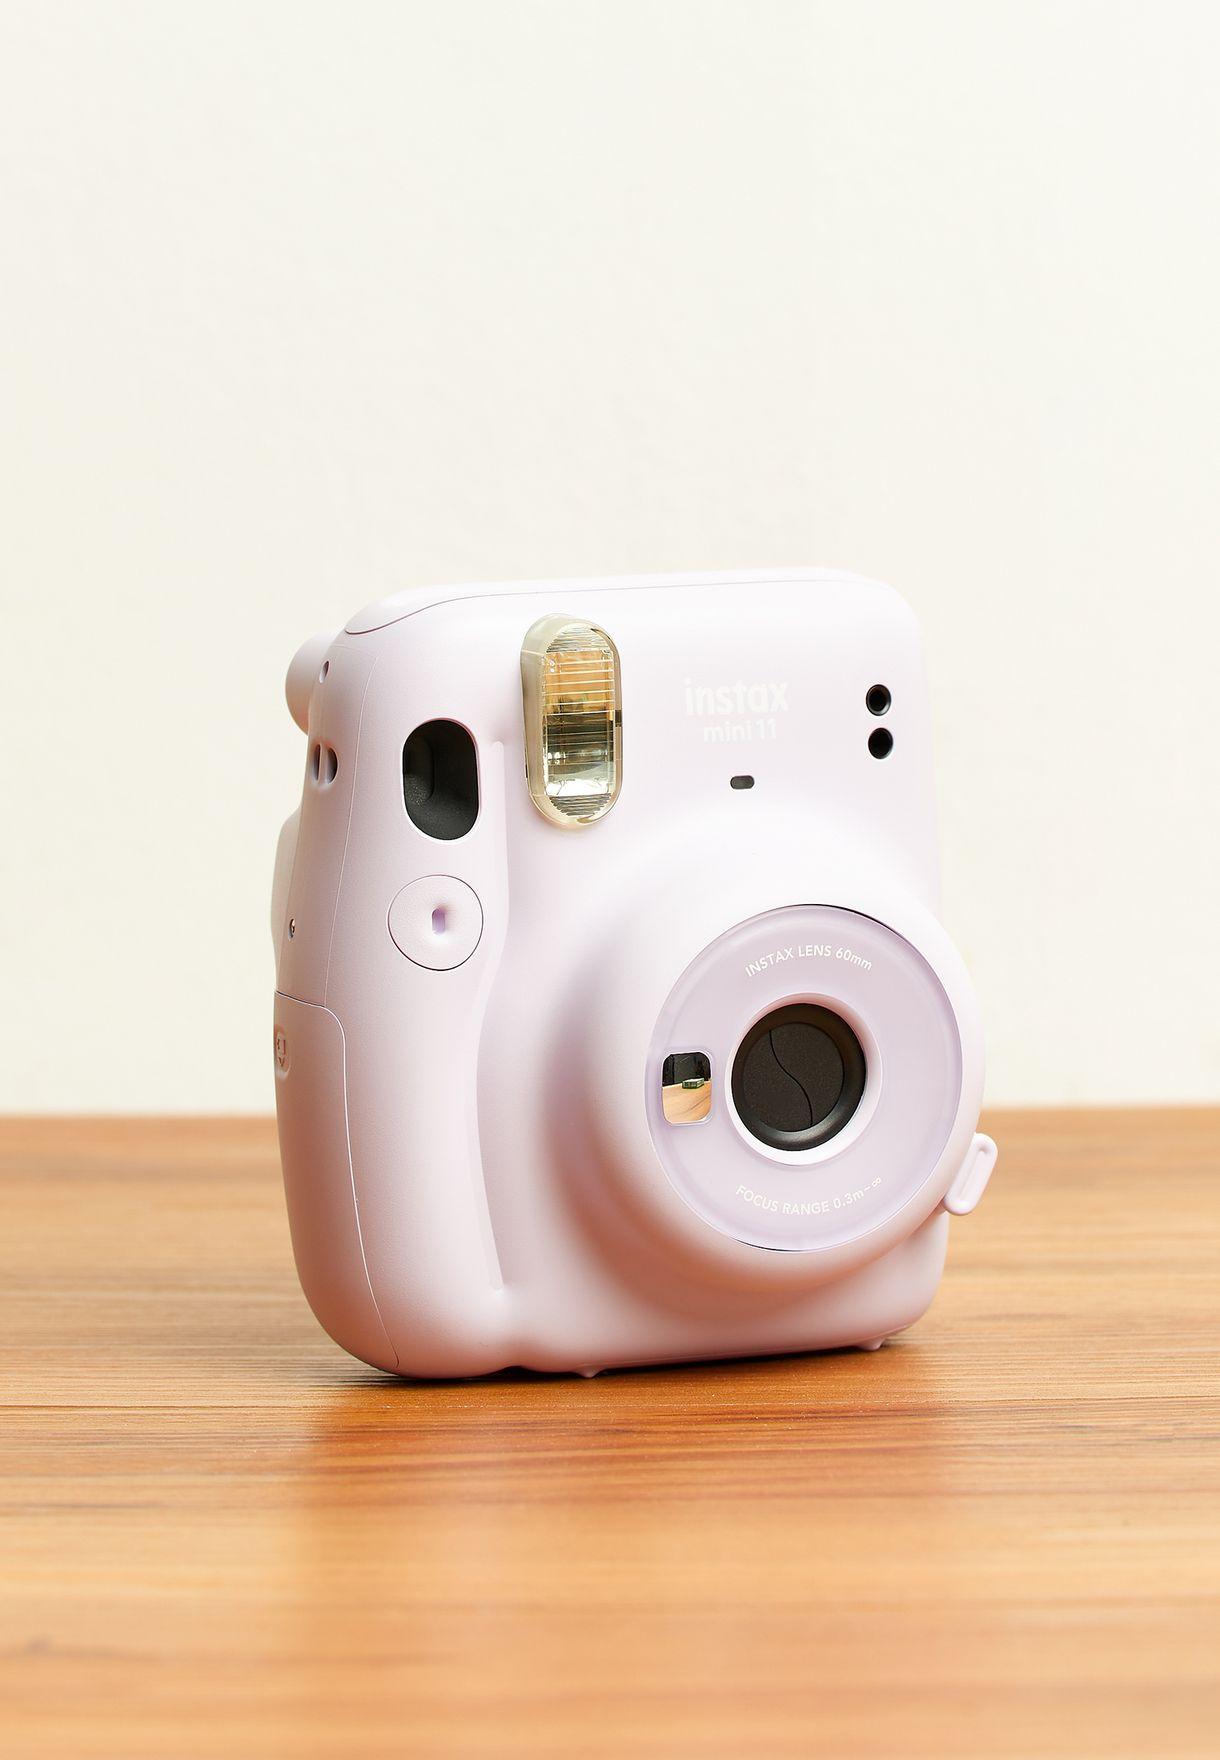 كاميرا ميني 11 انستاكس + 1 فيلم